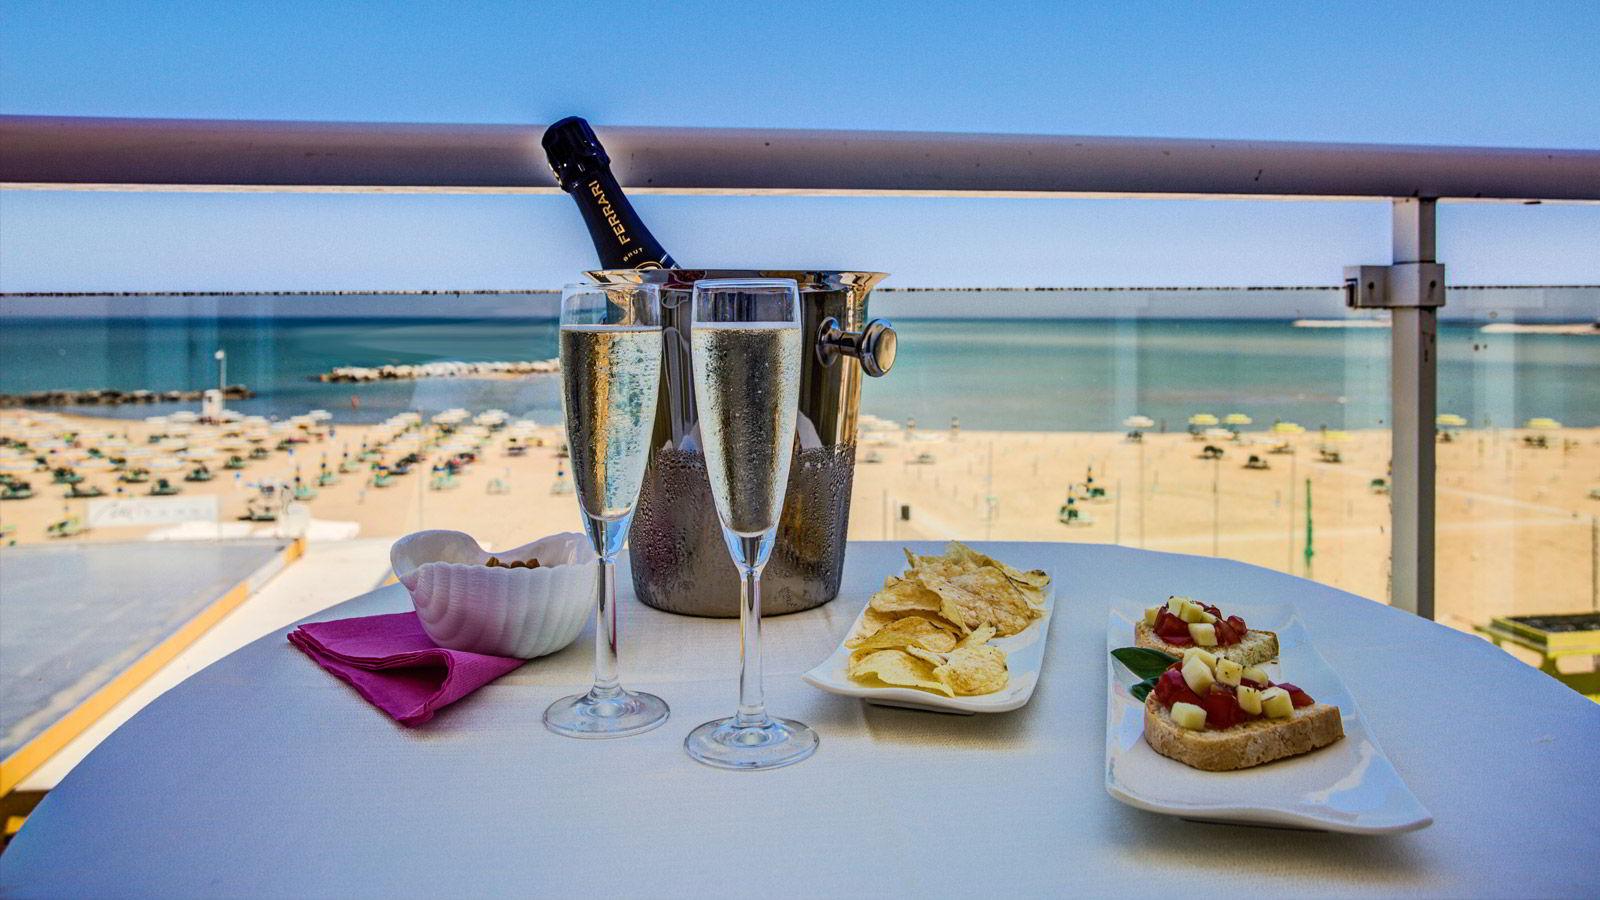 Vacanze all inclusive rimini hotel pensione completa a for Bagno 8 rivabella